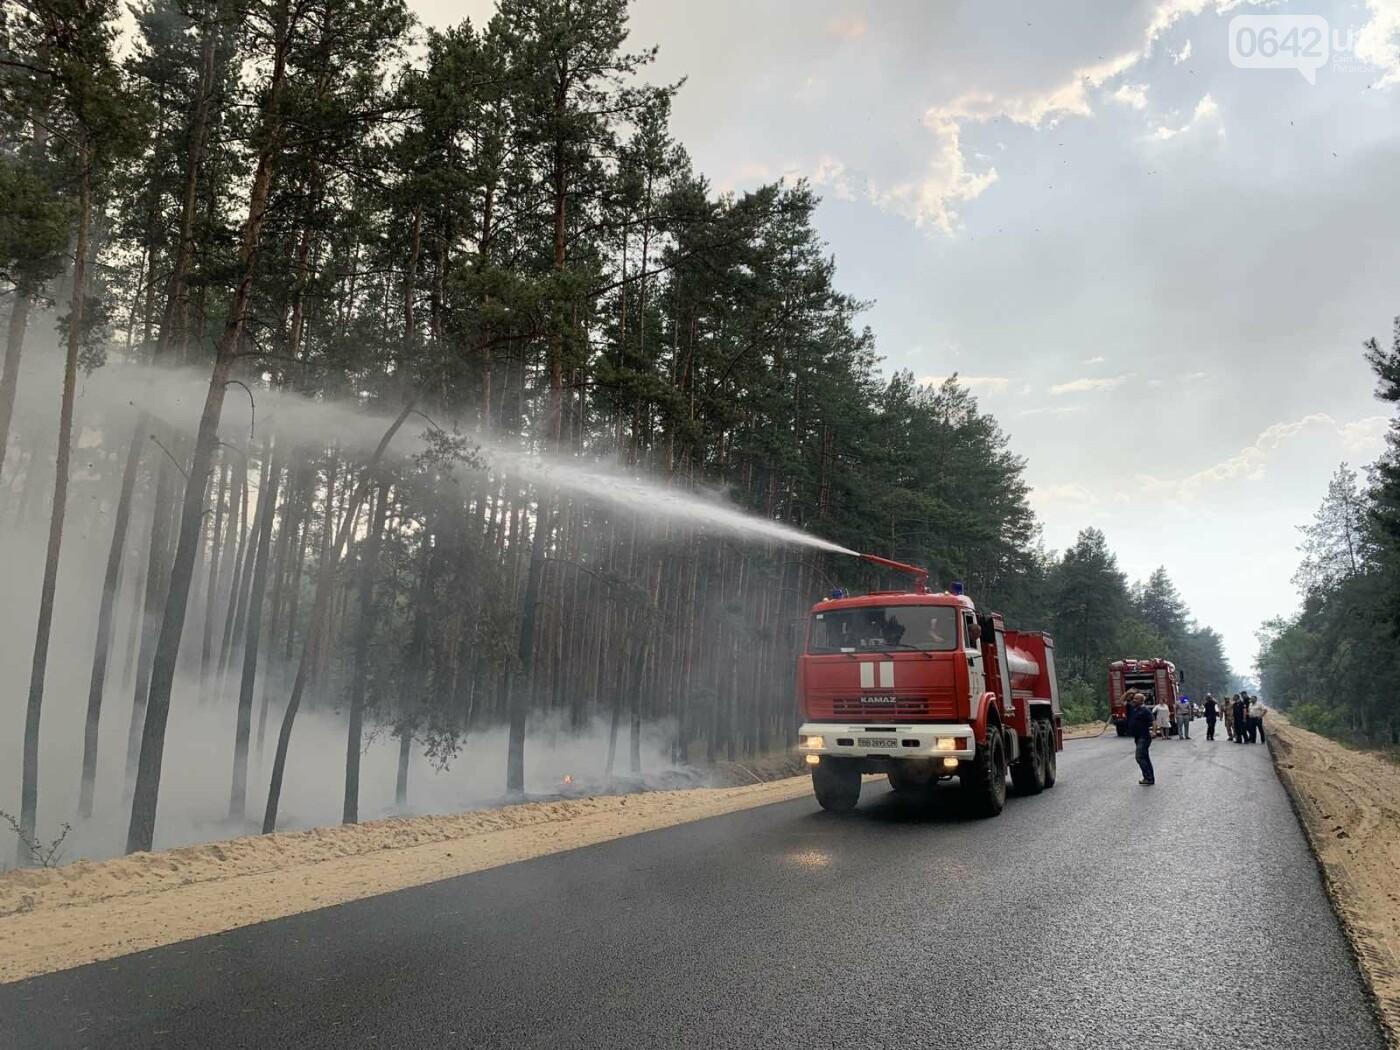 Под Северодонецком горит лес: Перекрыты дороги, идет эвакуация жителей села, - ФОТО, фото-3